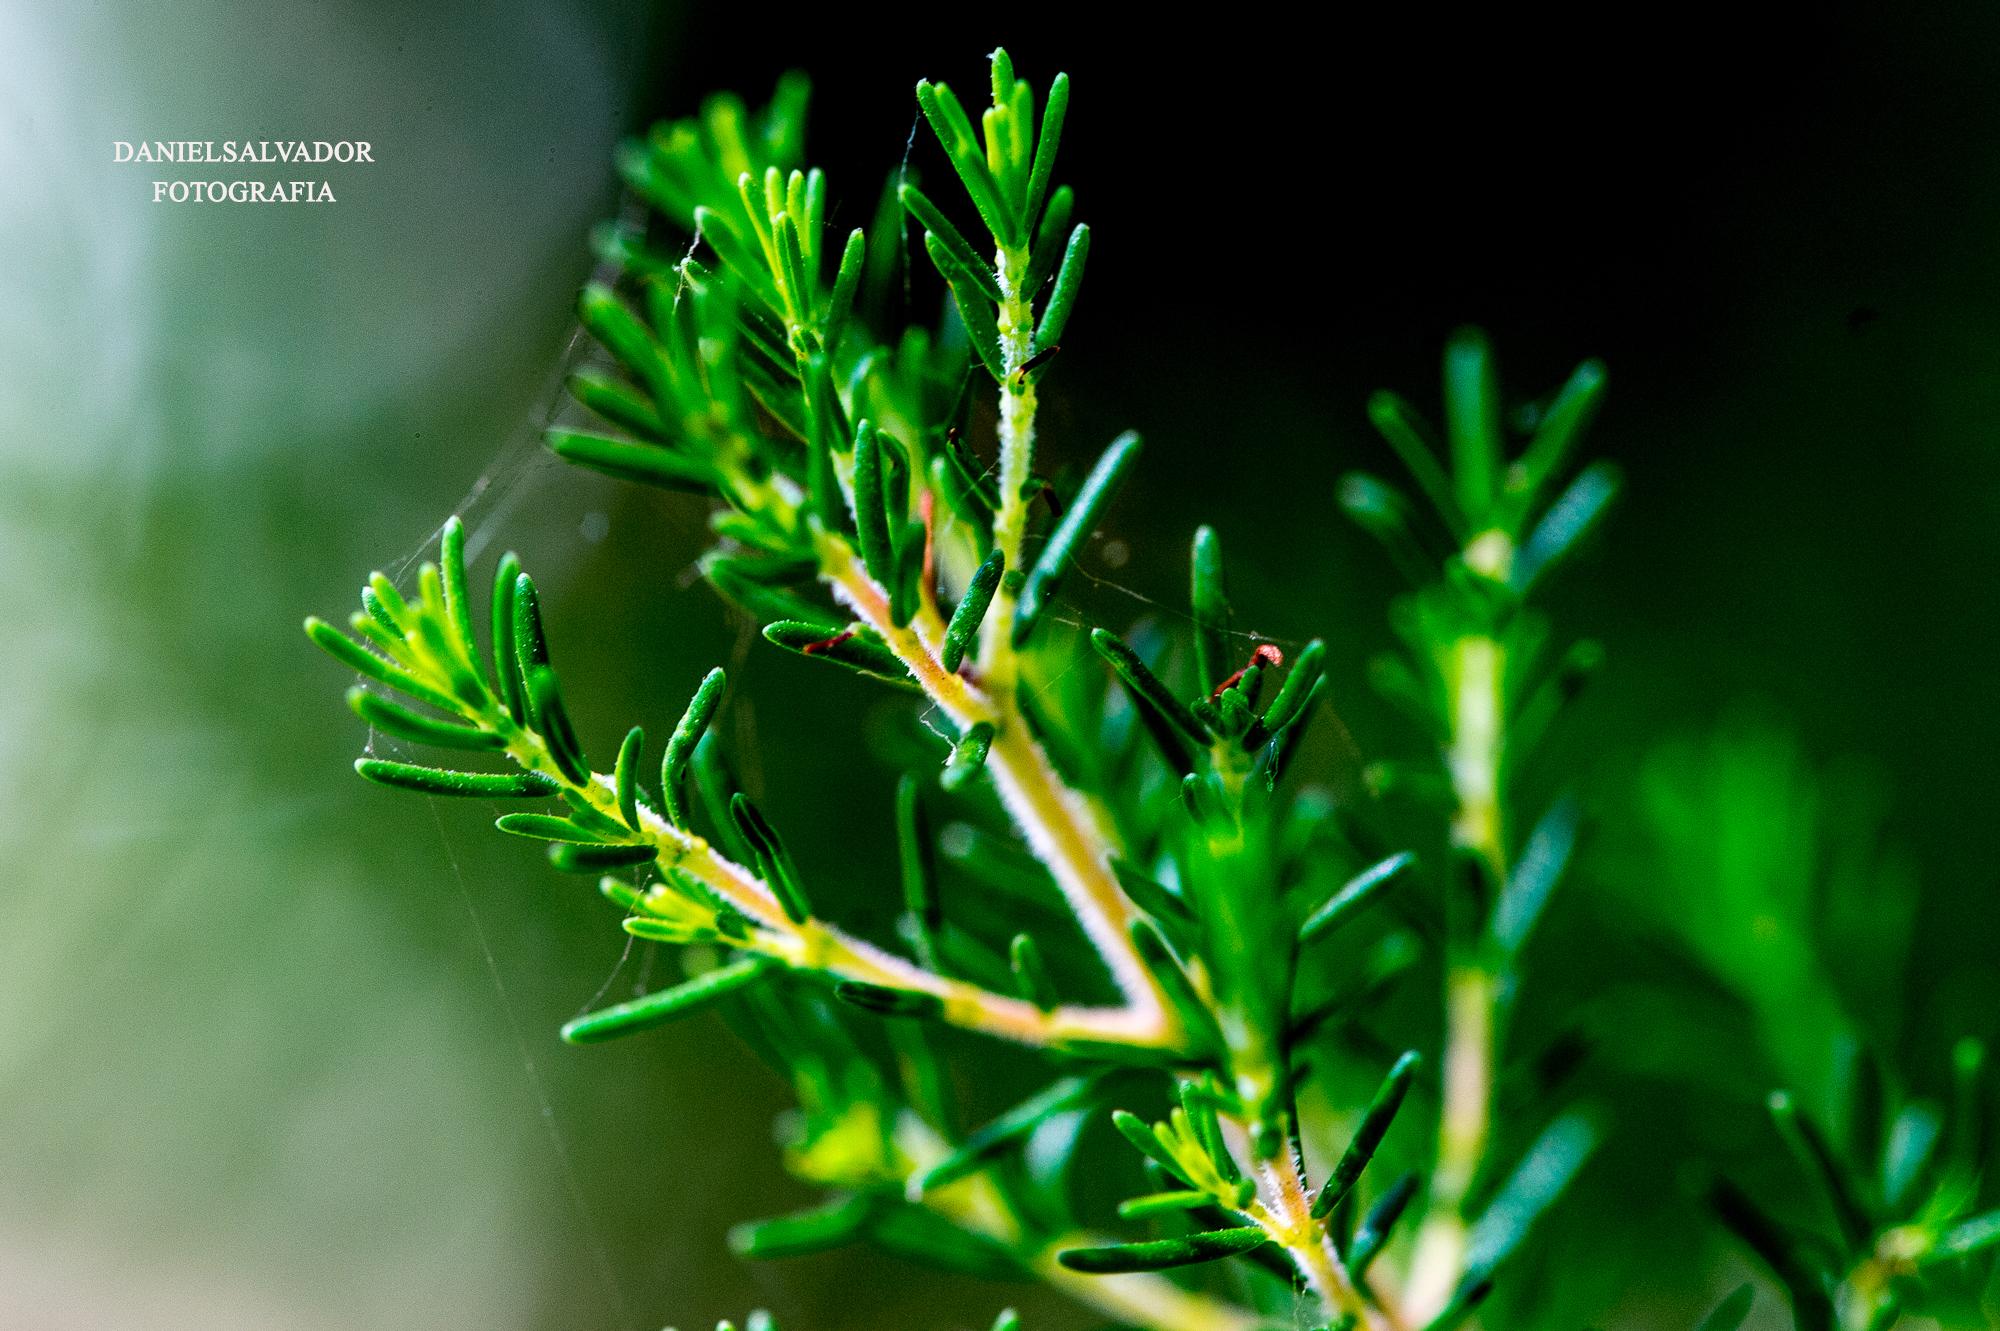 Árboles y plantas. @Daniel Salvador fotografía